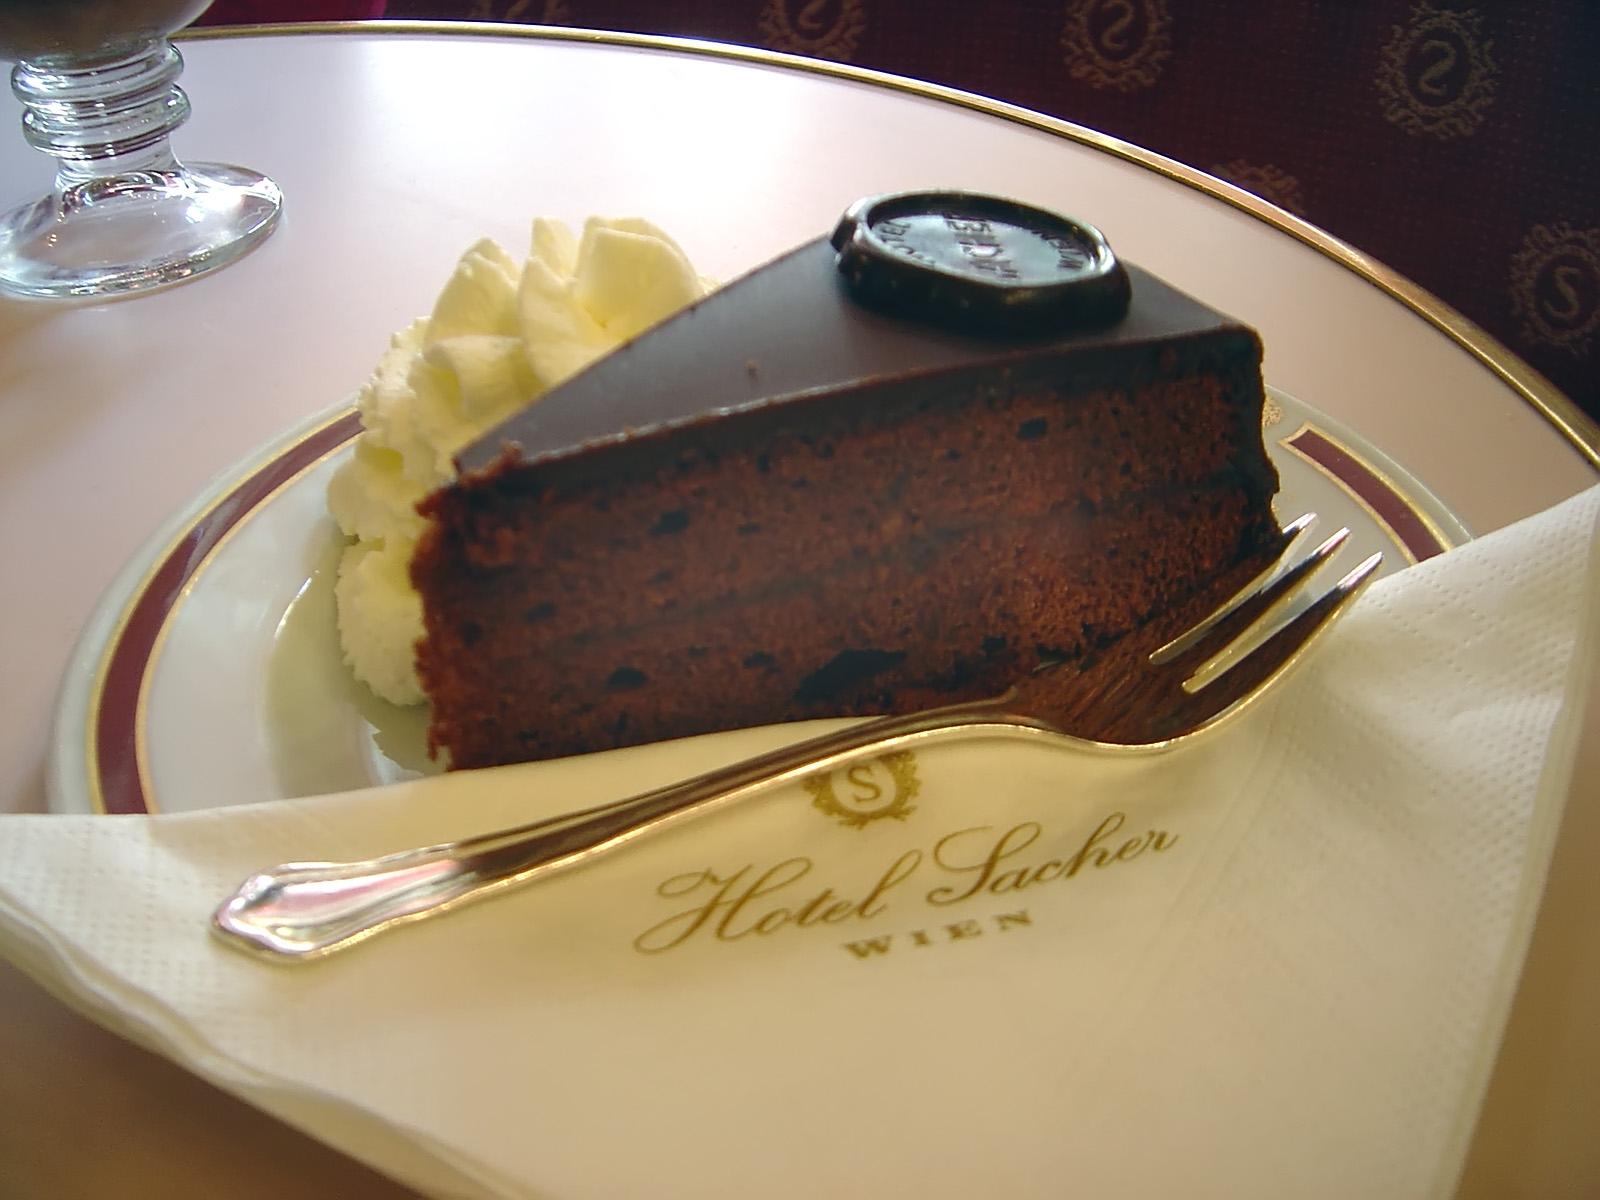 Класическо сервиране на торта Захер с бита неподсладена сметана.